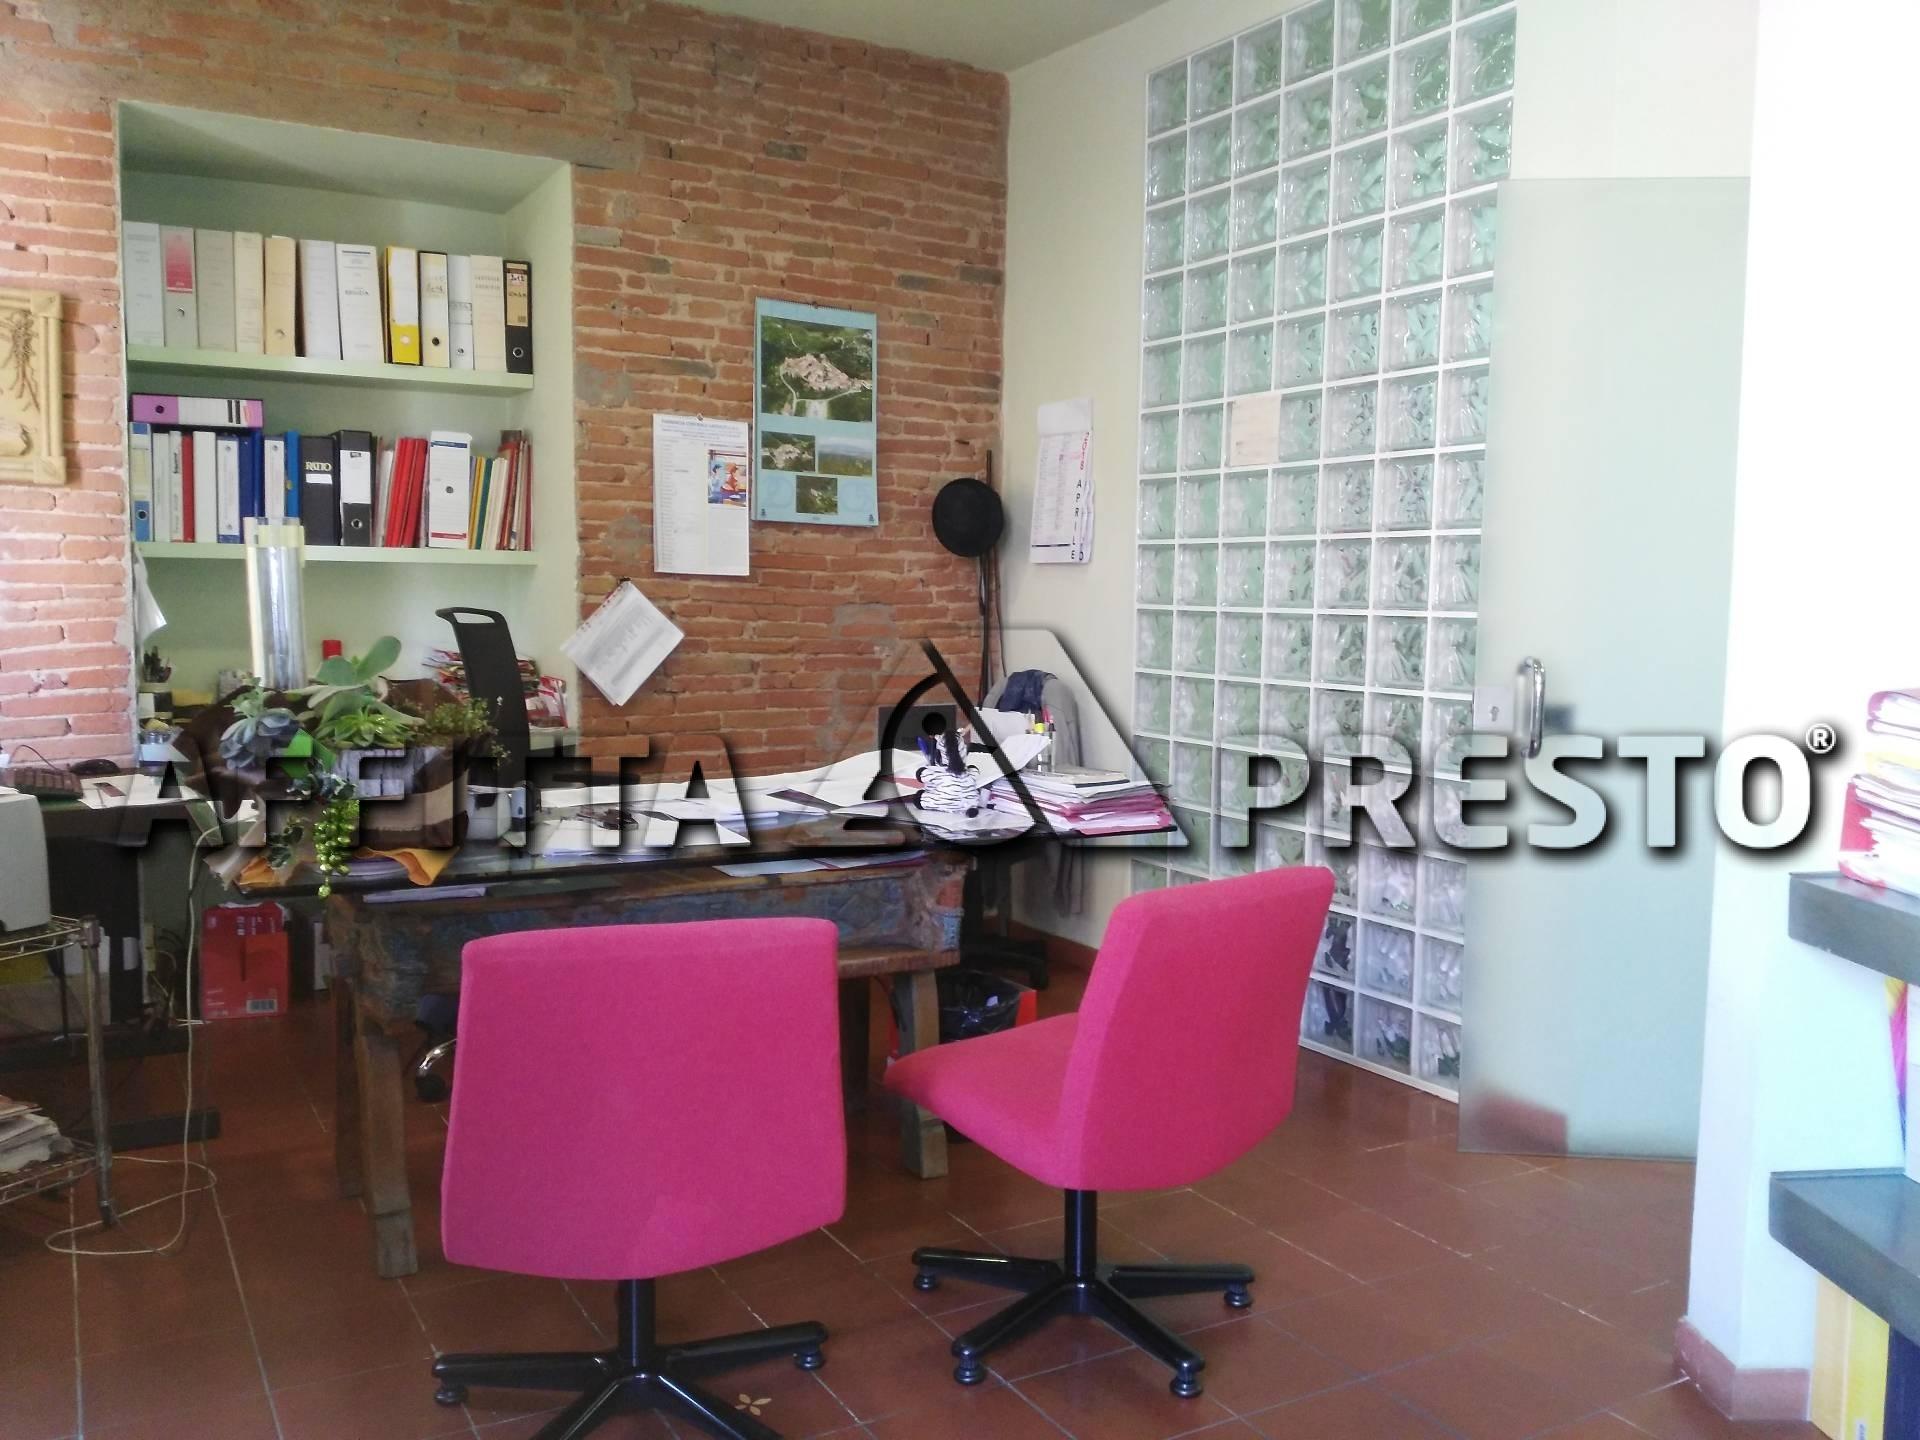 Ufficio Lavoro Pontedera : Affitto ufficio pisa pontedera prezzo 1000 rif 2018p073